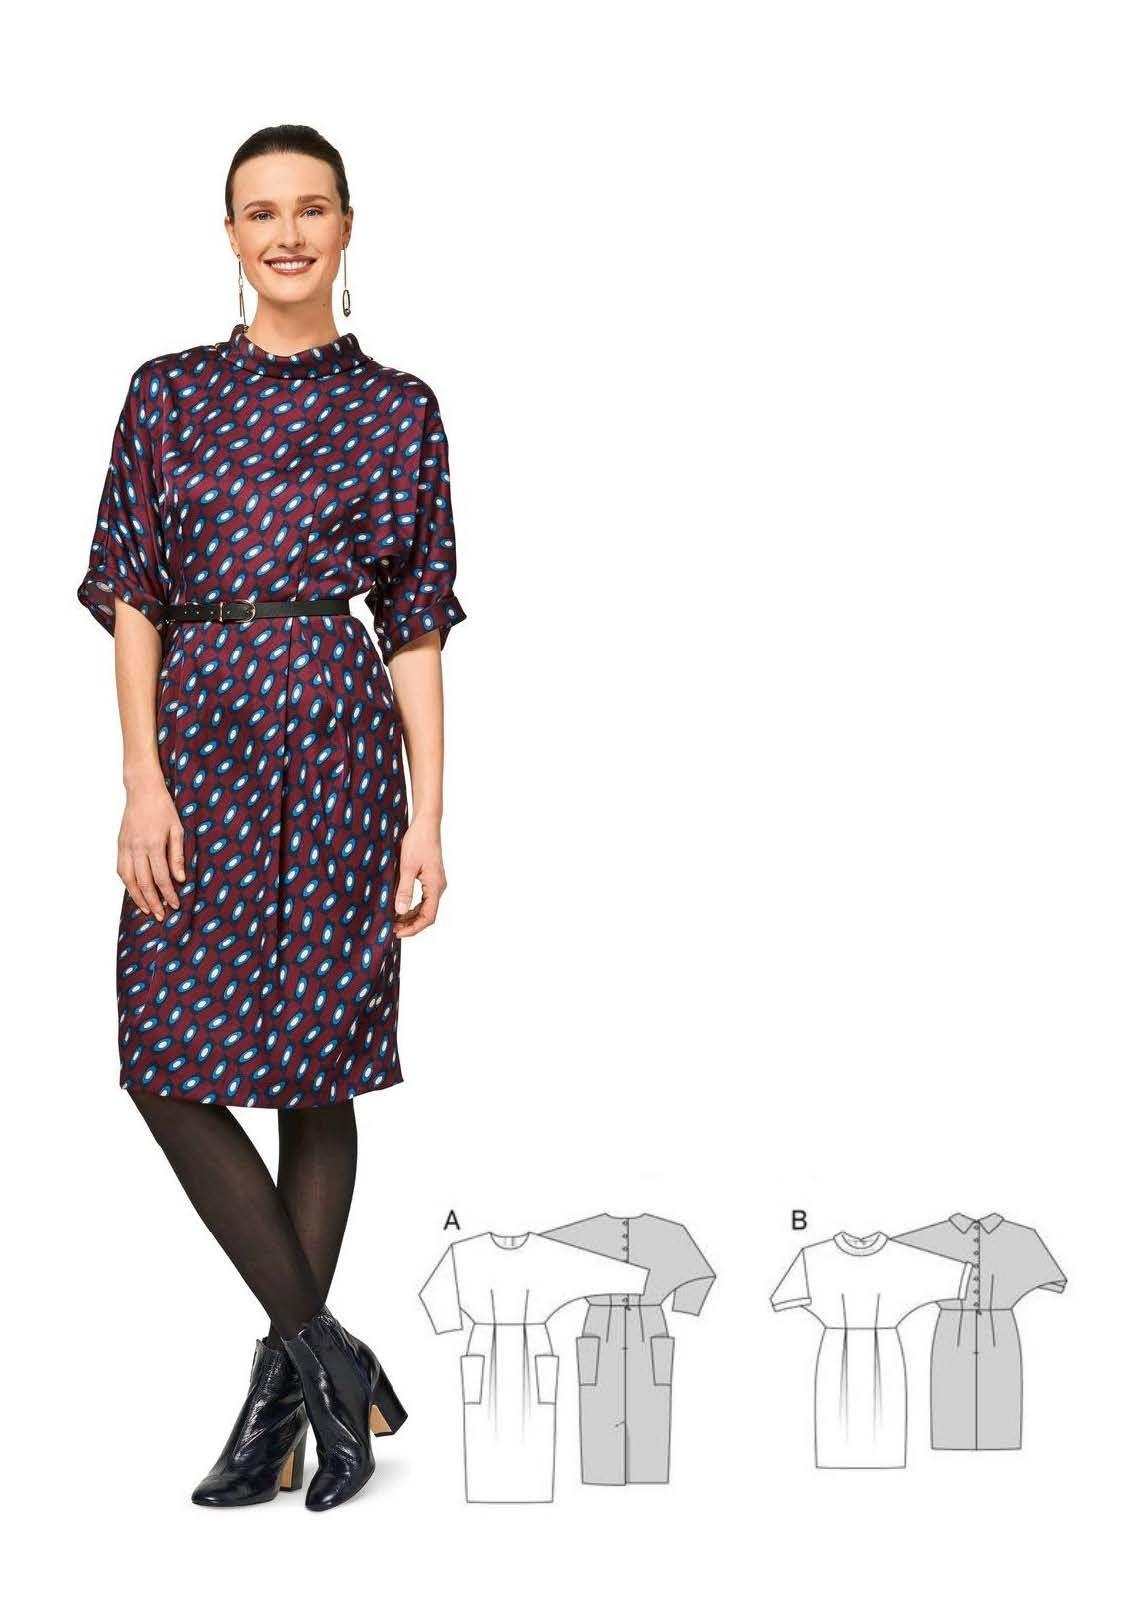 Kleid H/W 2017 #6451 | Burda style, Mode und Produkte